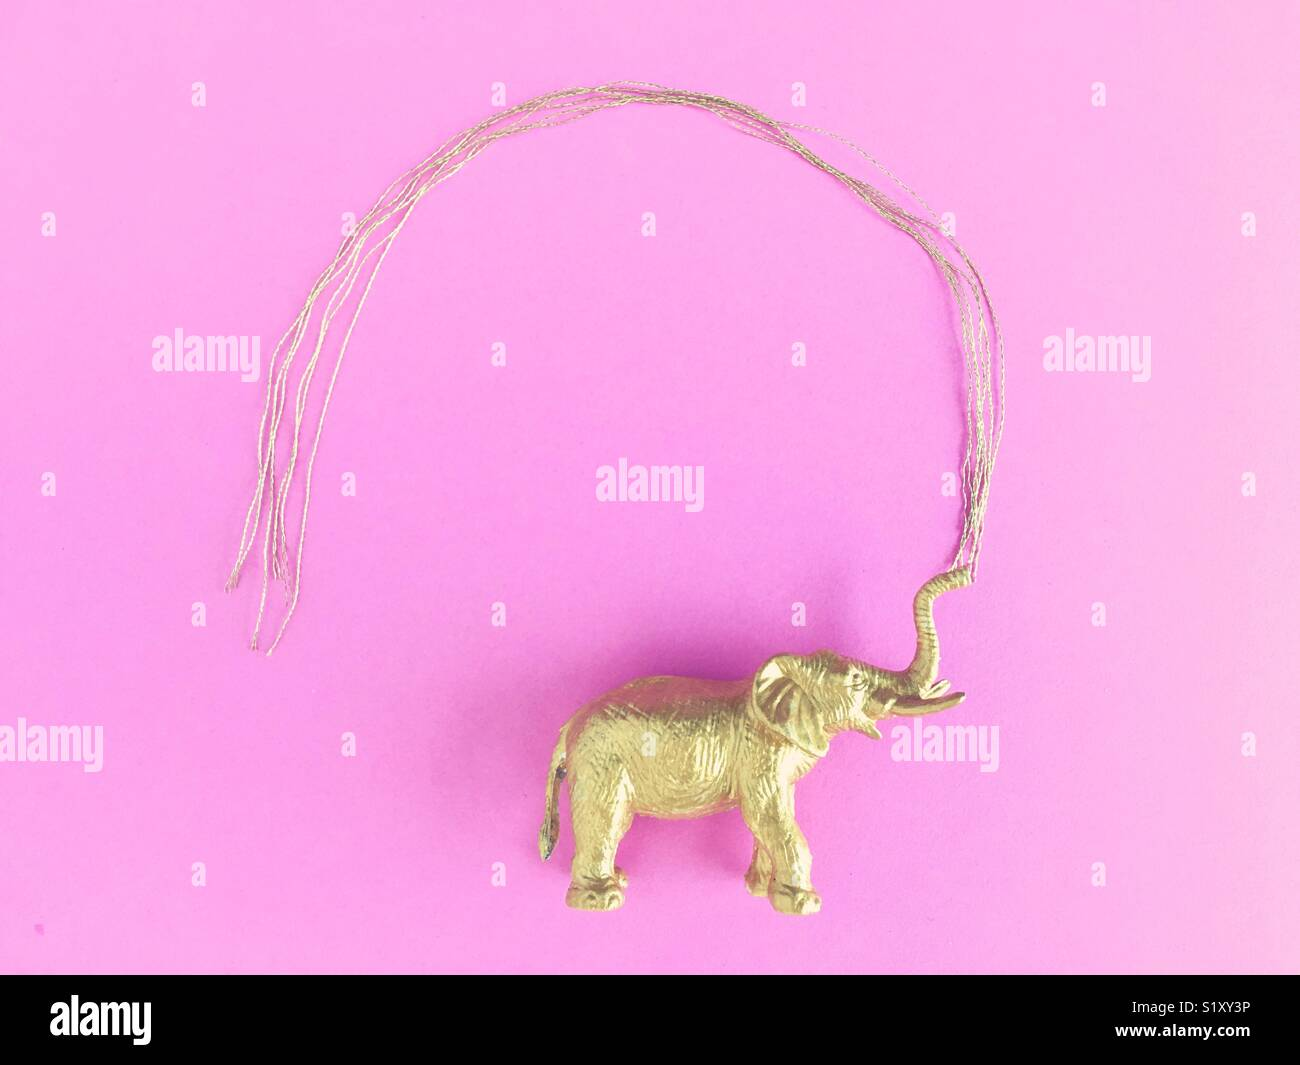 Éléphant conceptuel: pulvériser de l'eau en or et rose. Photo Stock